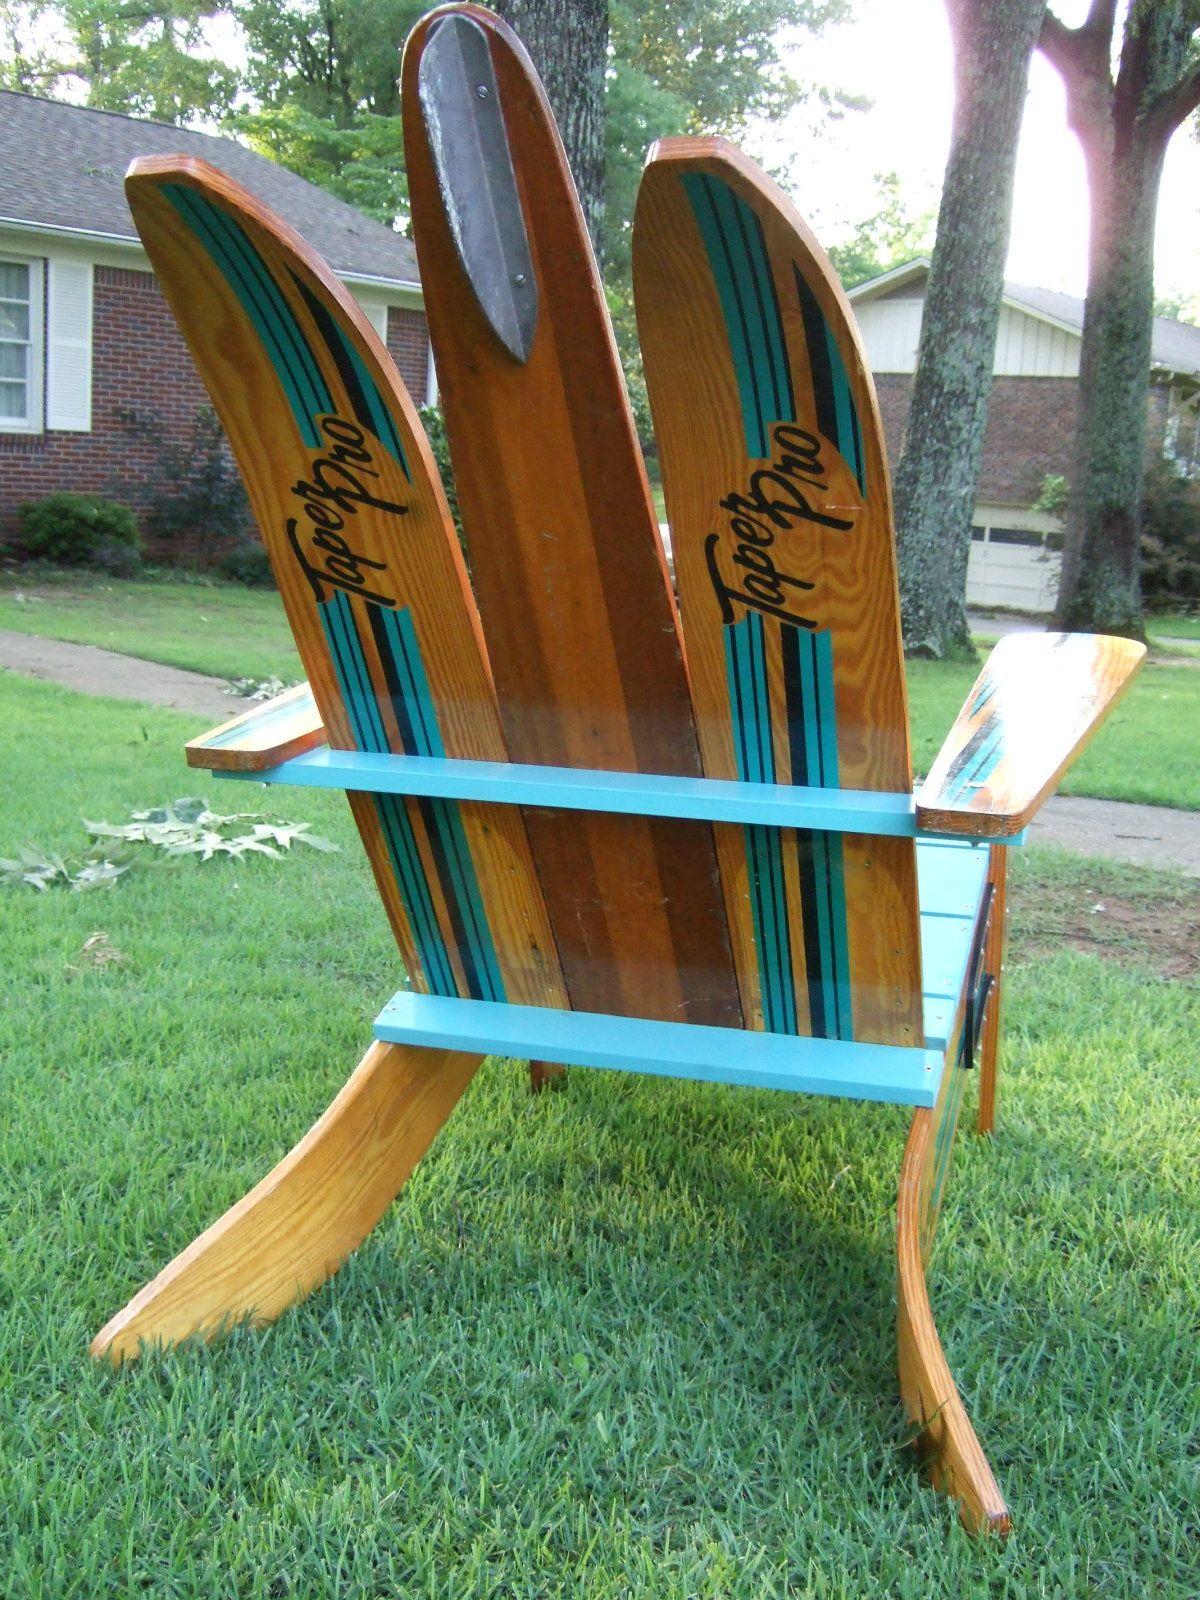 water ski chair - Google Search | lake living | Pinterest ...